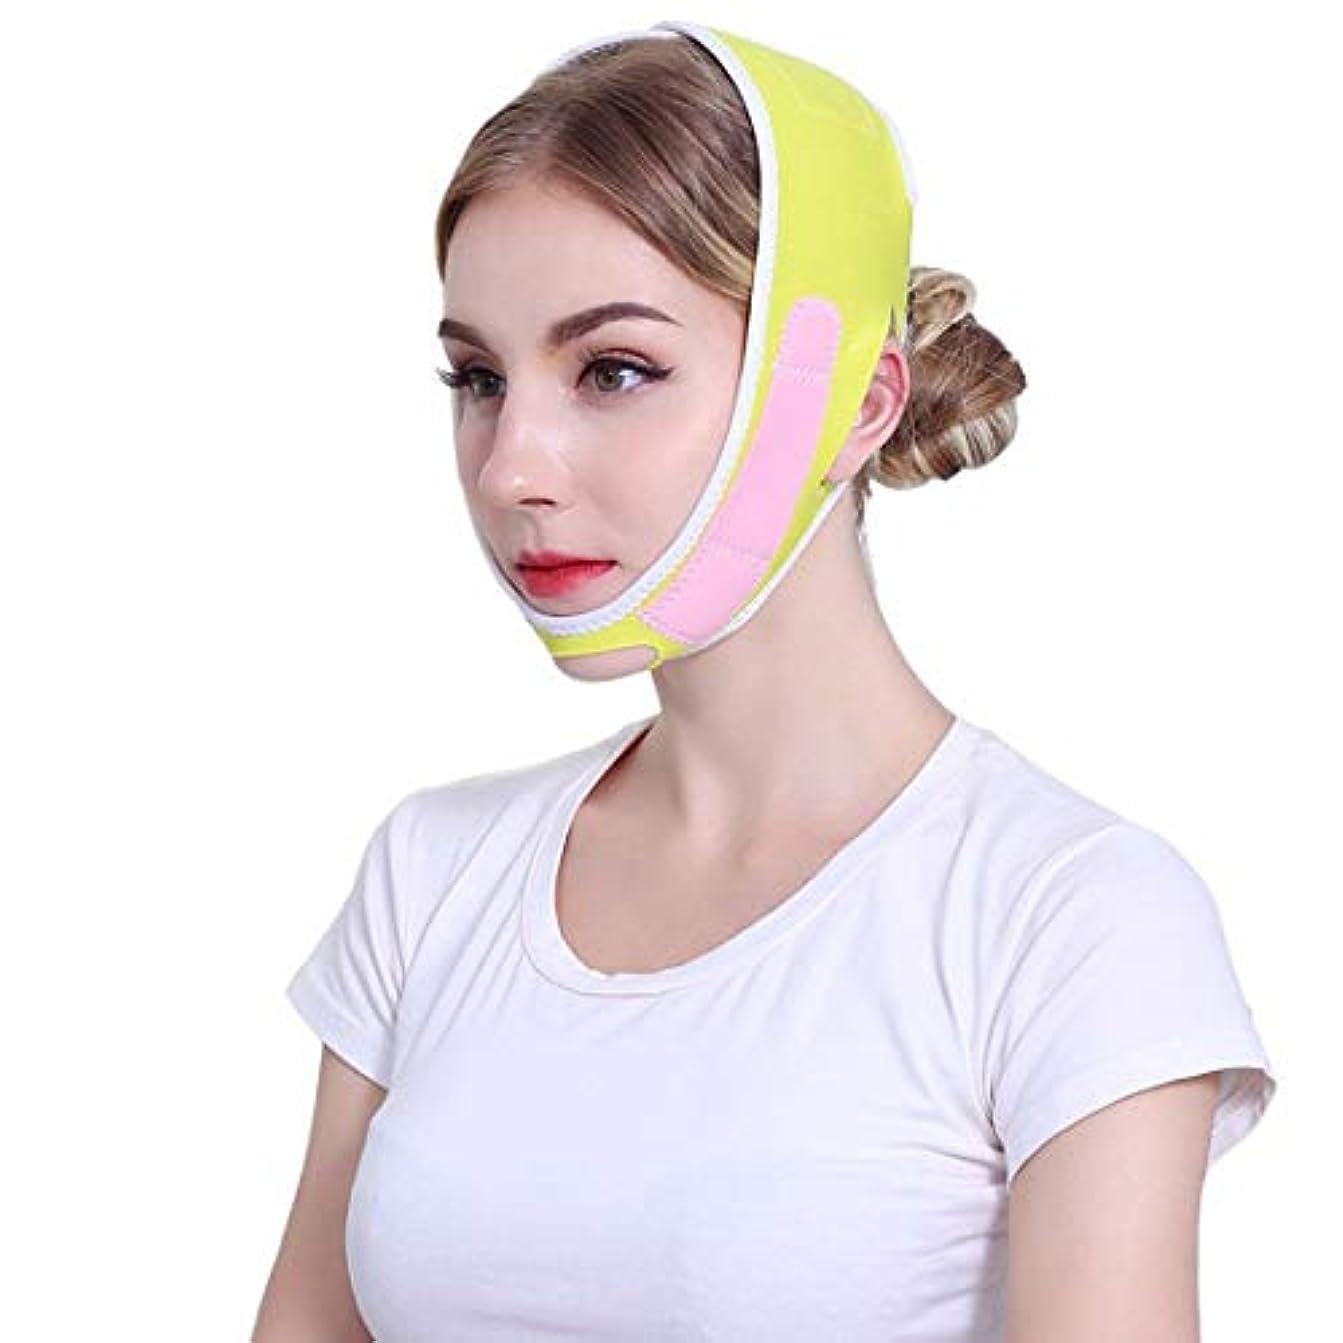 バージン行方不明抵抗するZWBD フェイスマスク, フェイスリフティング包帯v薄い顔の形の男性と女性vフェイスリフティング引き締めリフティングフェイス包帯黄色